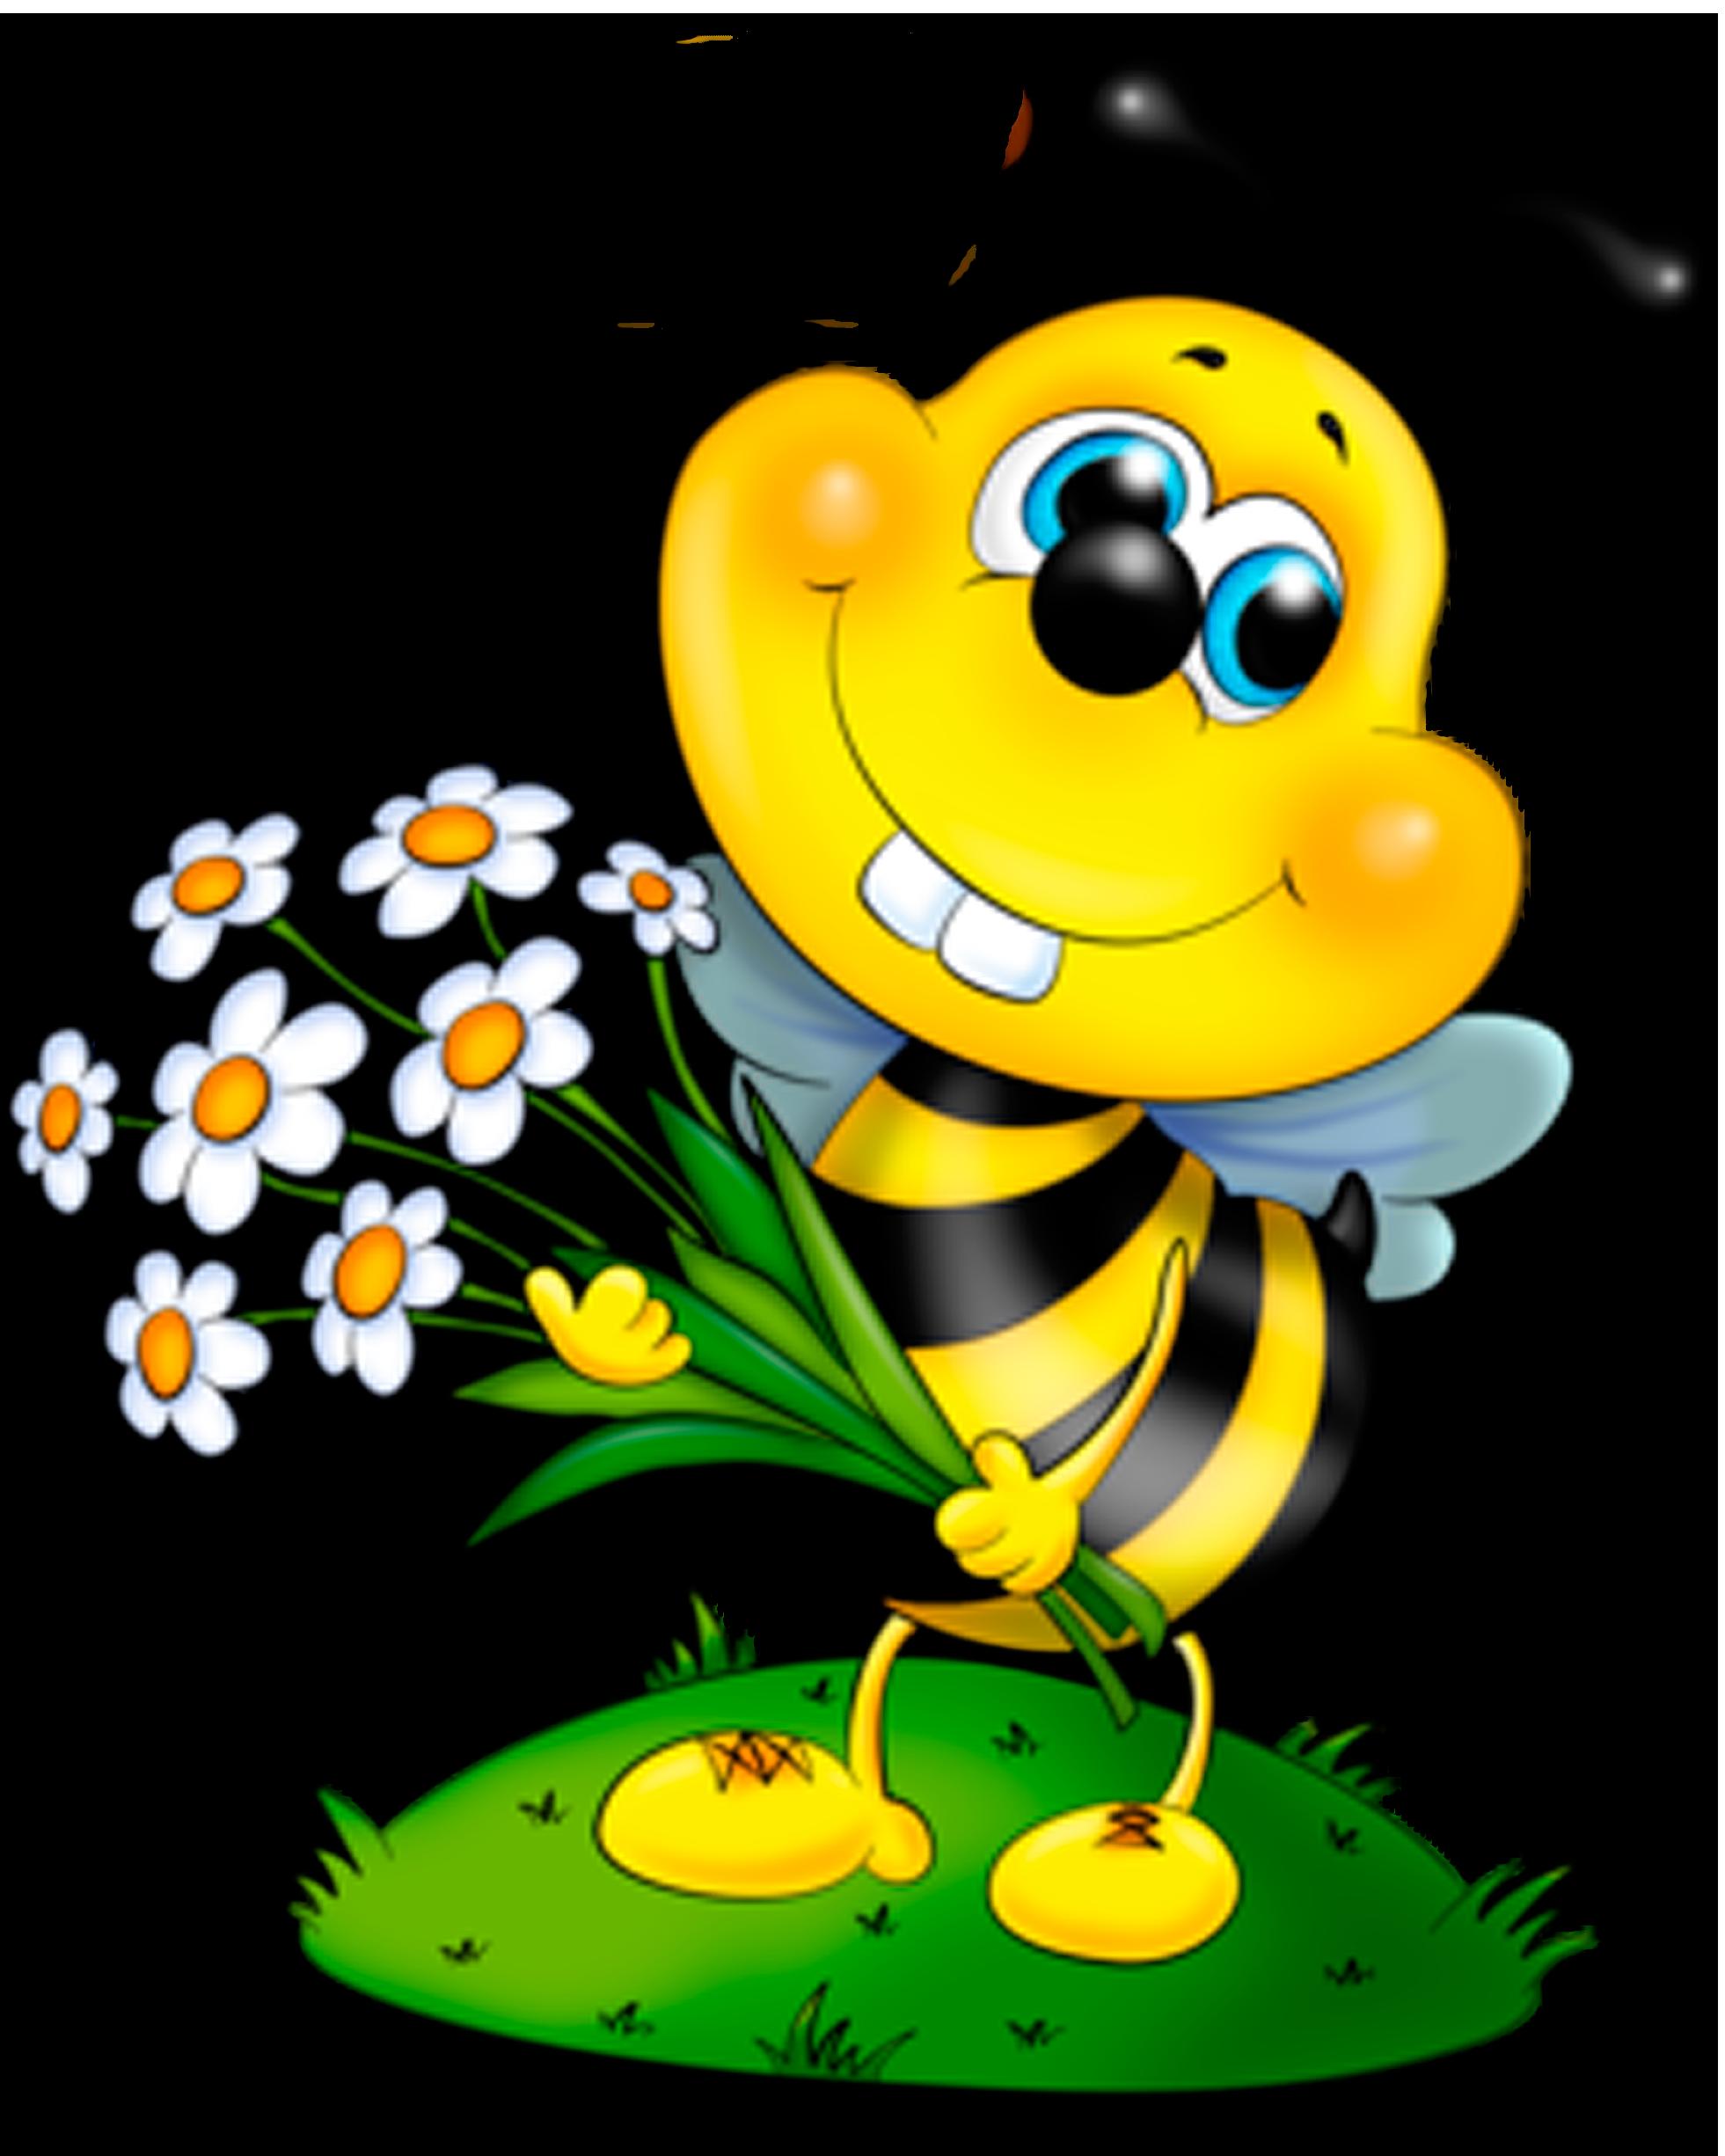 картинка пчелы для презентации веселая гевара лучшие обои